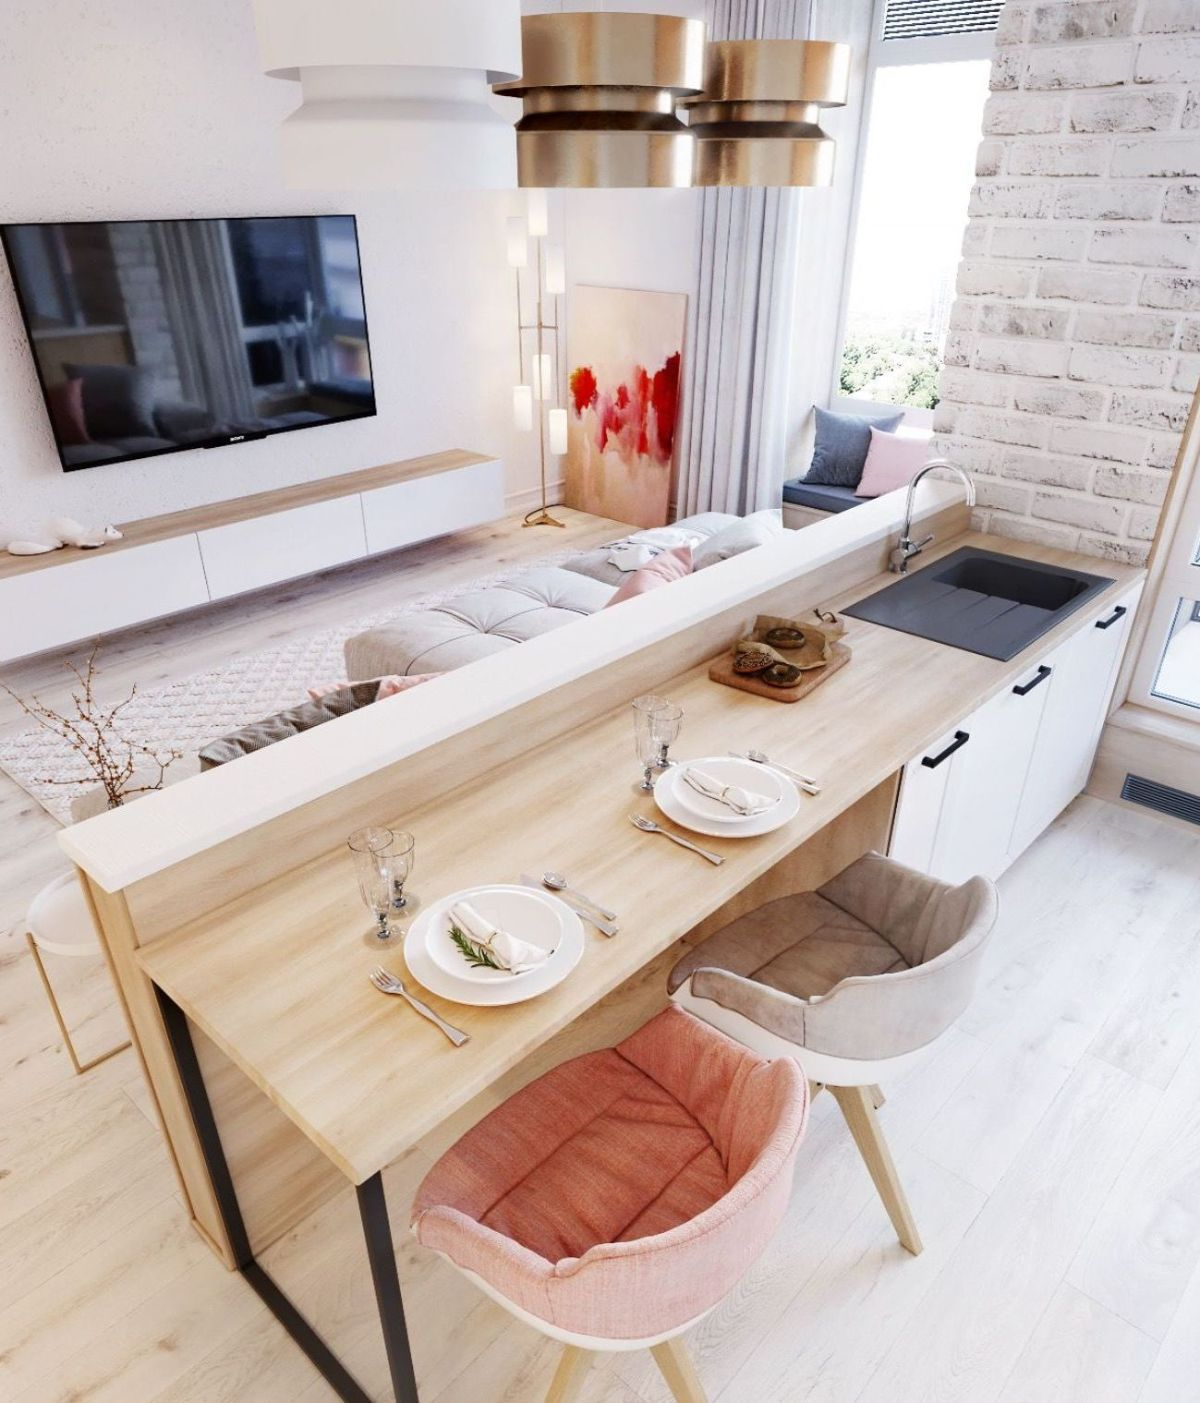 кухня гостиная дизайн интерьера пример зонирования